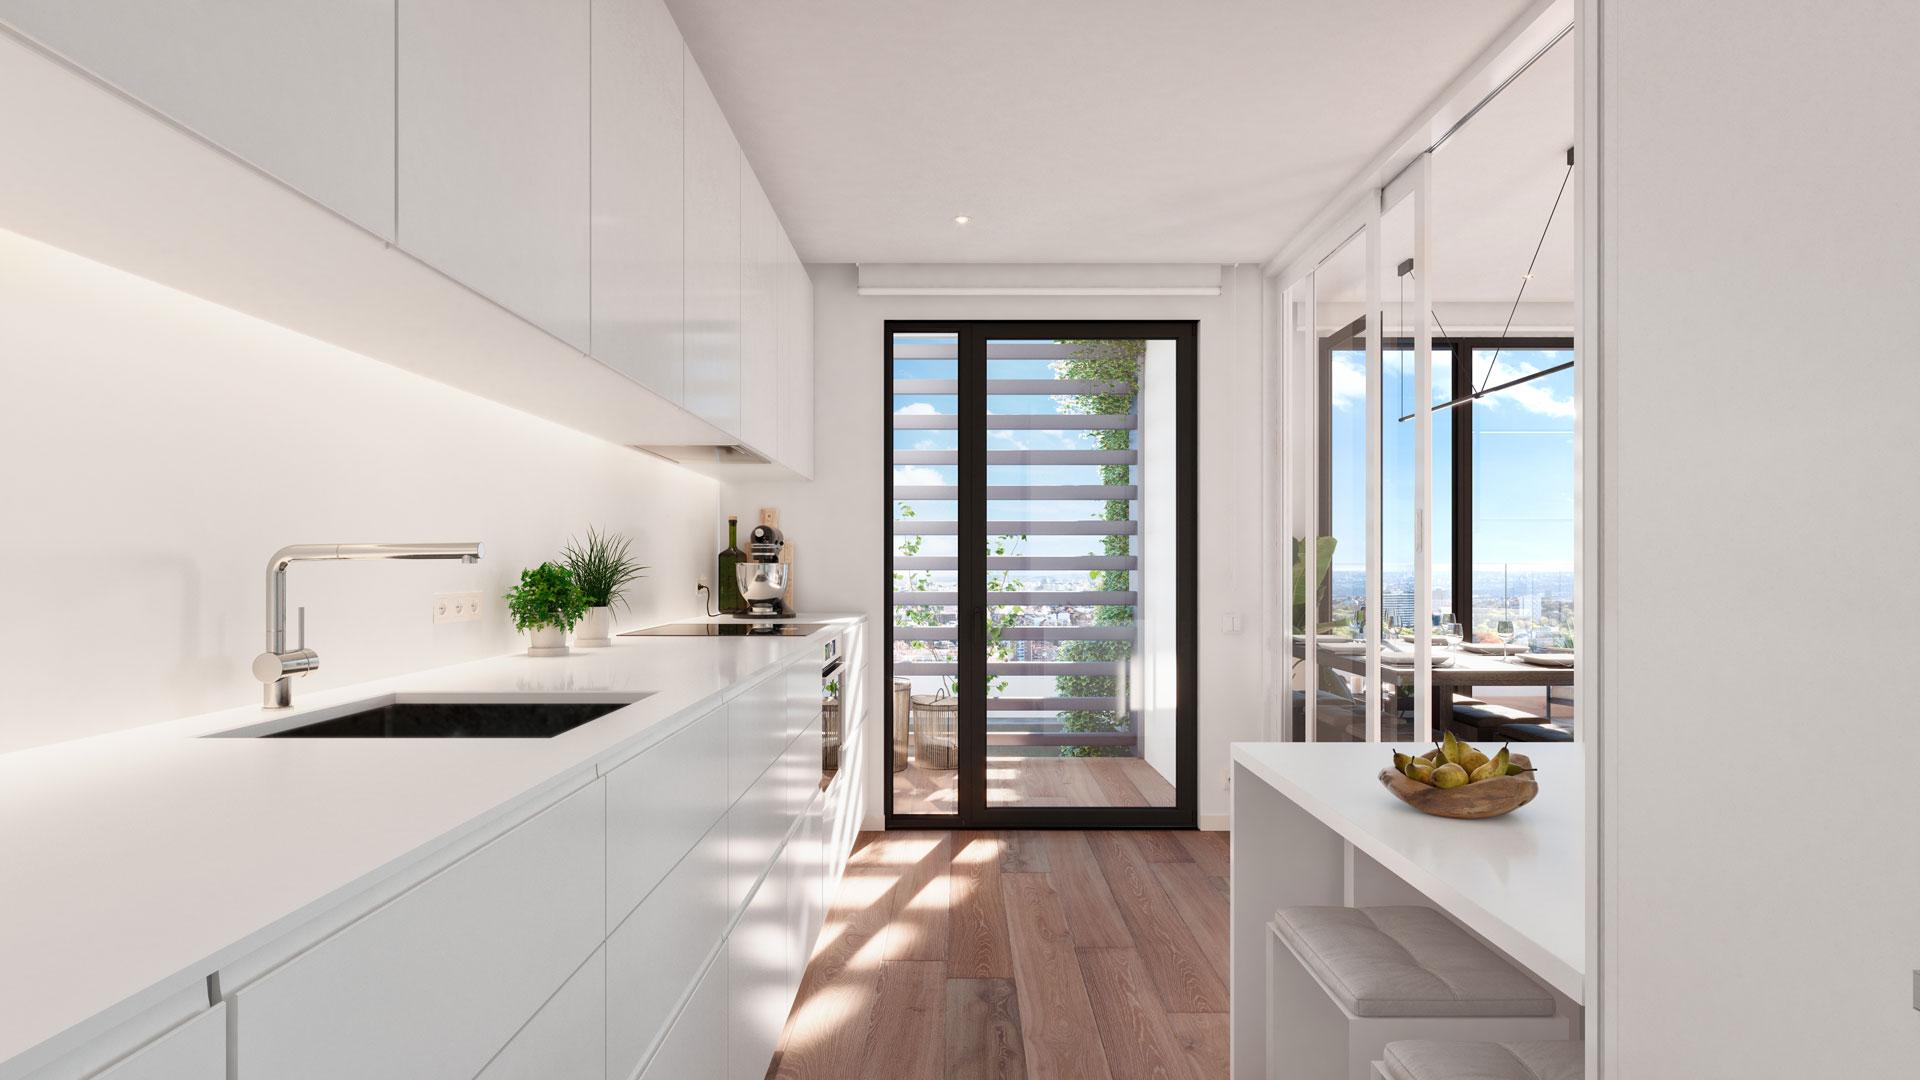 Cocina vivienda 3 dormitorios con tendedero.